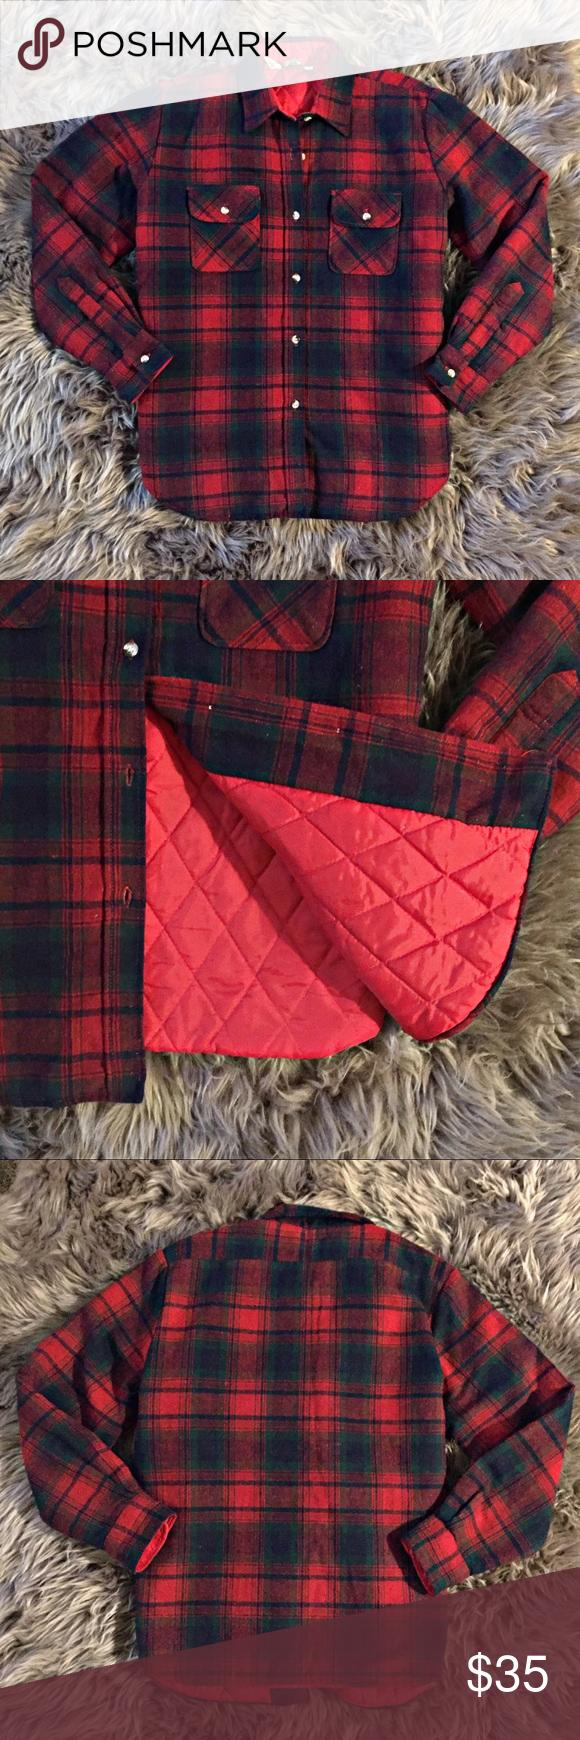 Flannel shirt vintage  Vintage Flannel Shirt Jacket Lined Warm Rugged  Shirt jacket